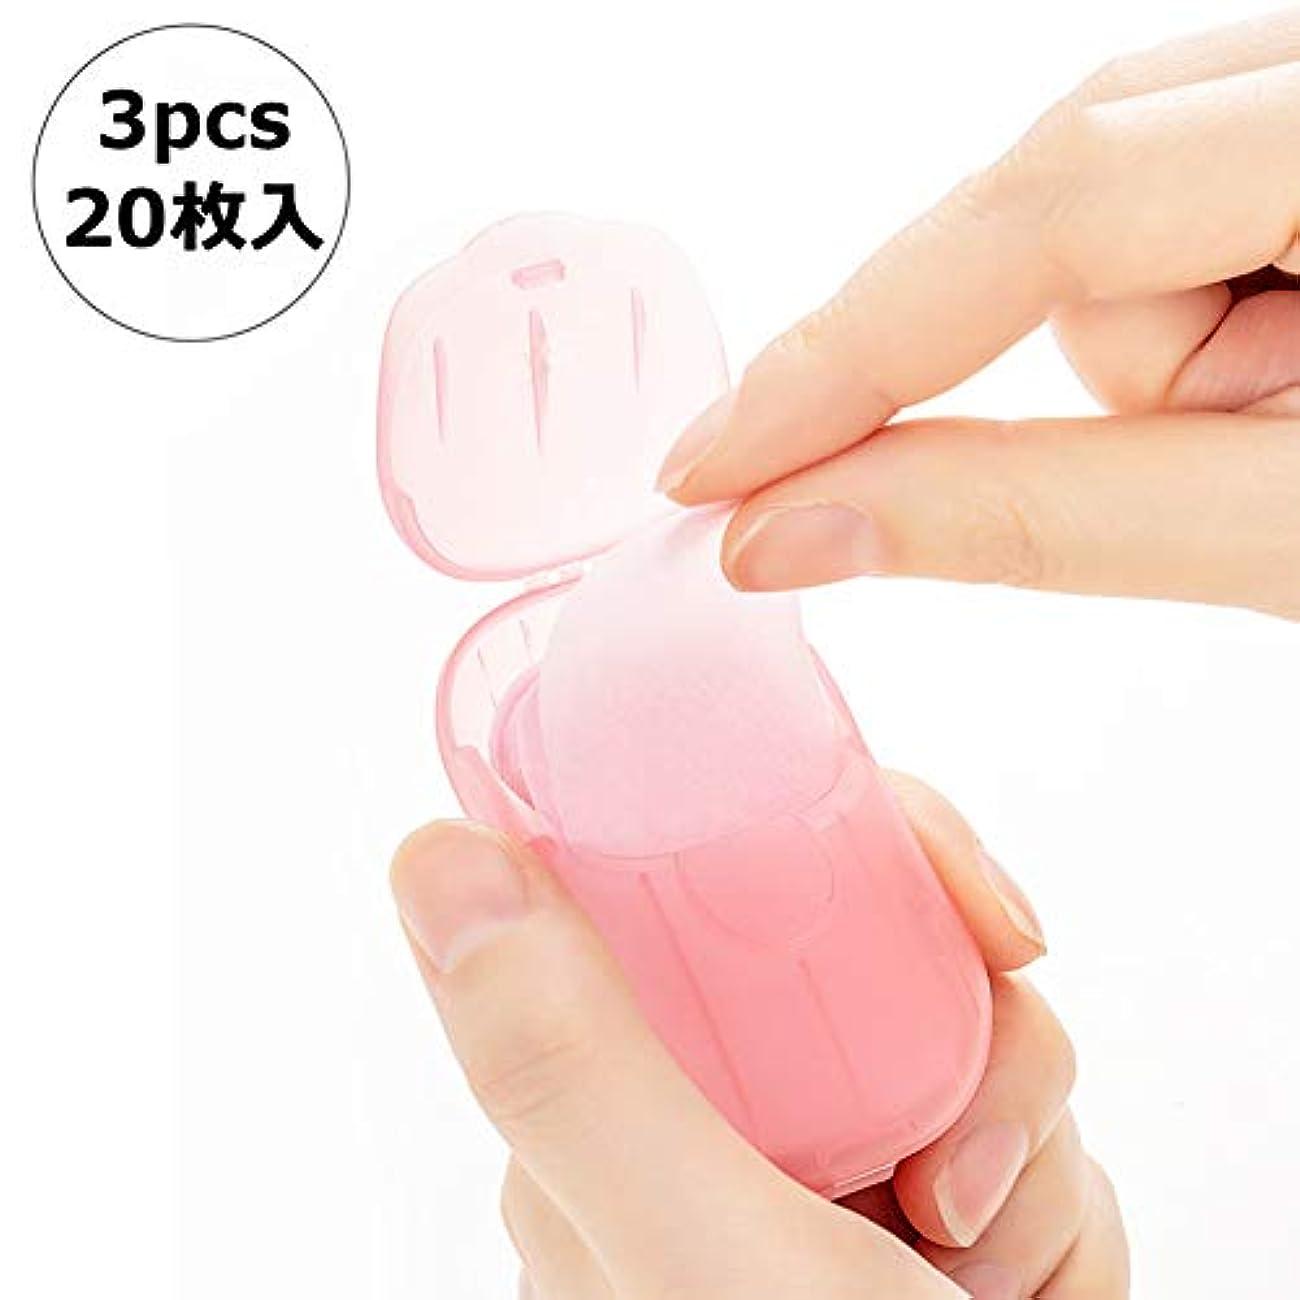 チョップ怠大通りNITIUMI ペーパーソープ 除菌 香り 石鹸 手洗い/お風呂 旅行携帯用 紙せっけん 20枚入 ケース付き カラーランダム (3個セット)